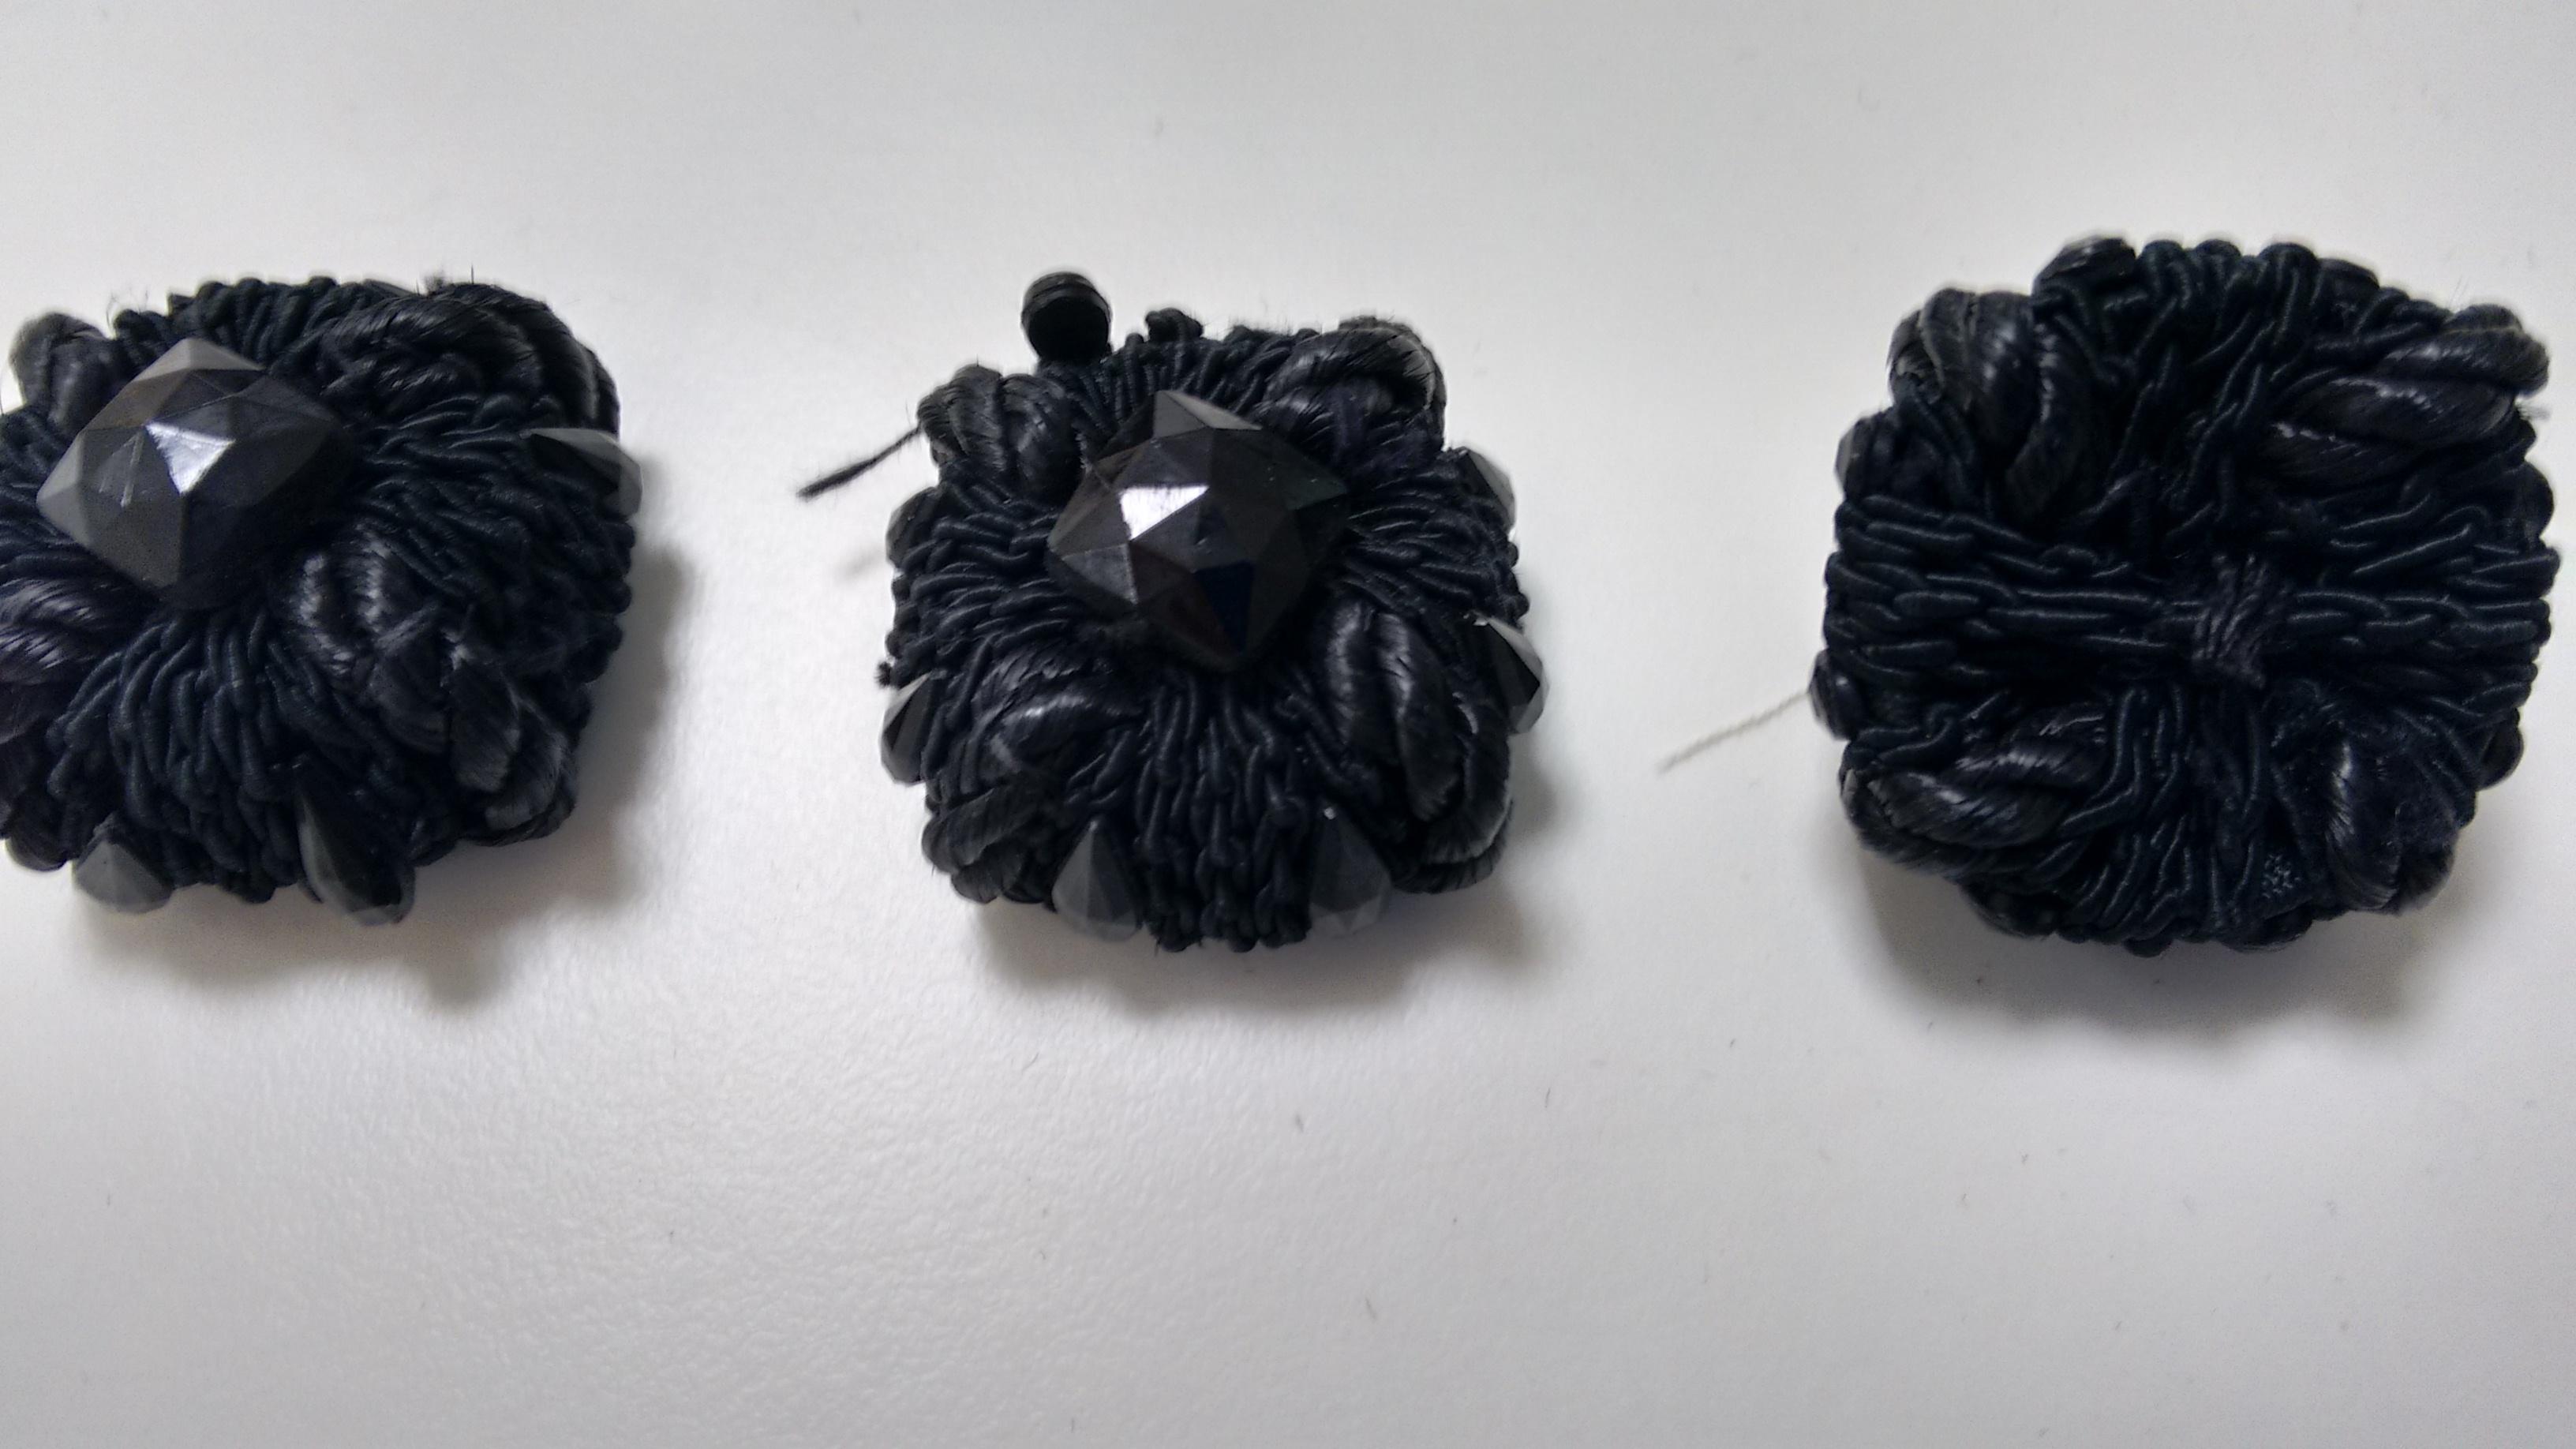 Botones  de cordoncillo negro y piedras facetadas negras.